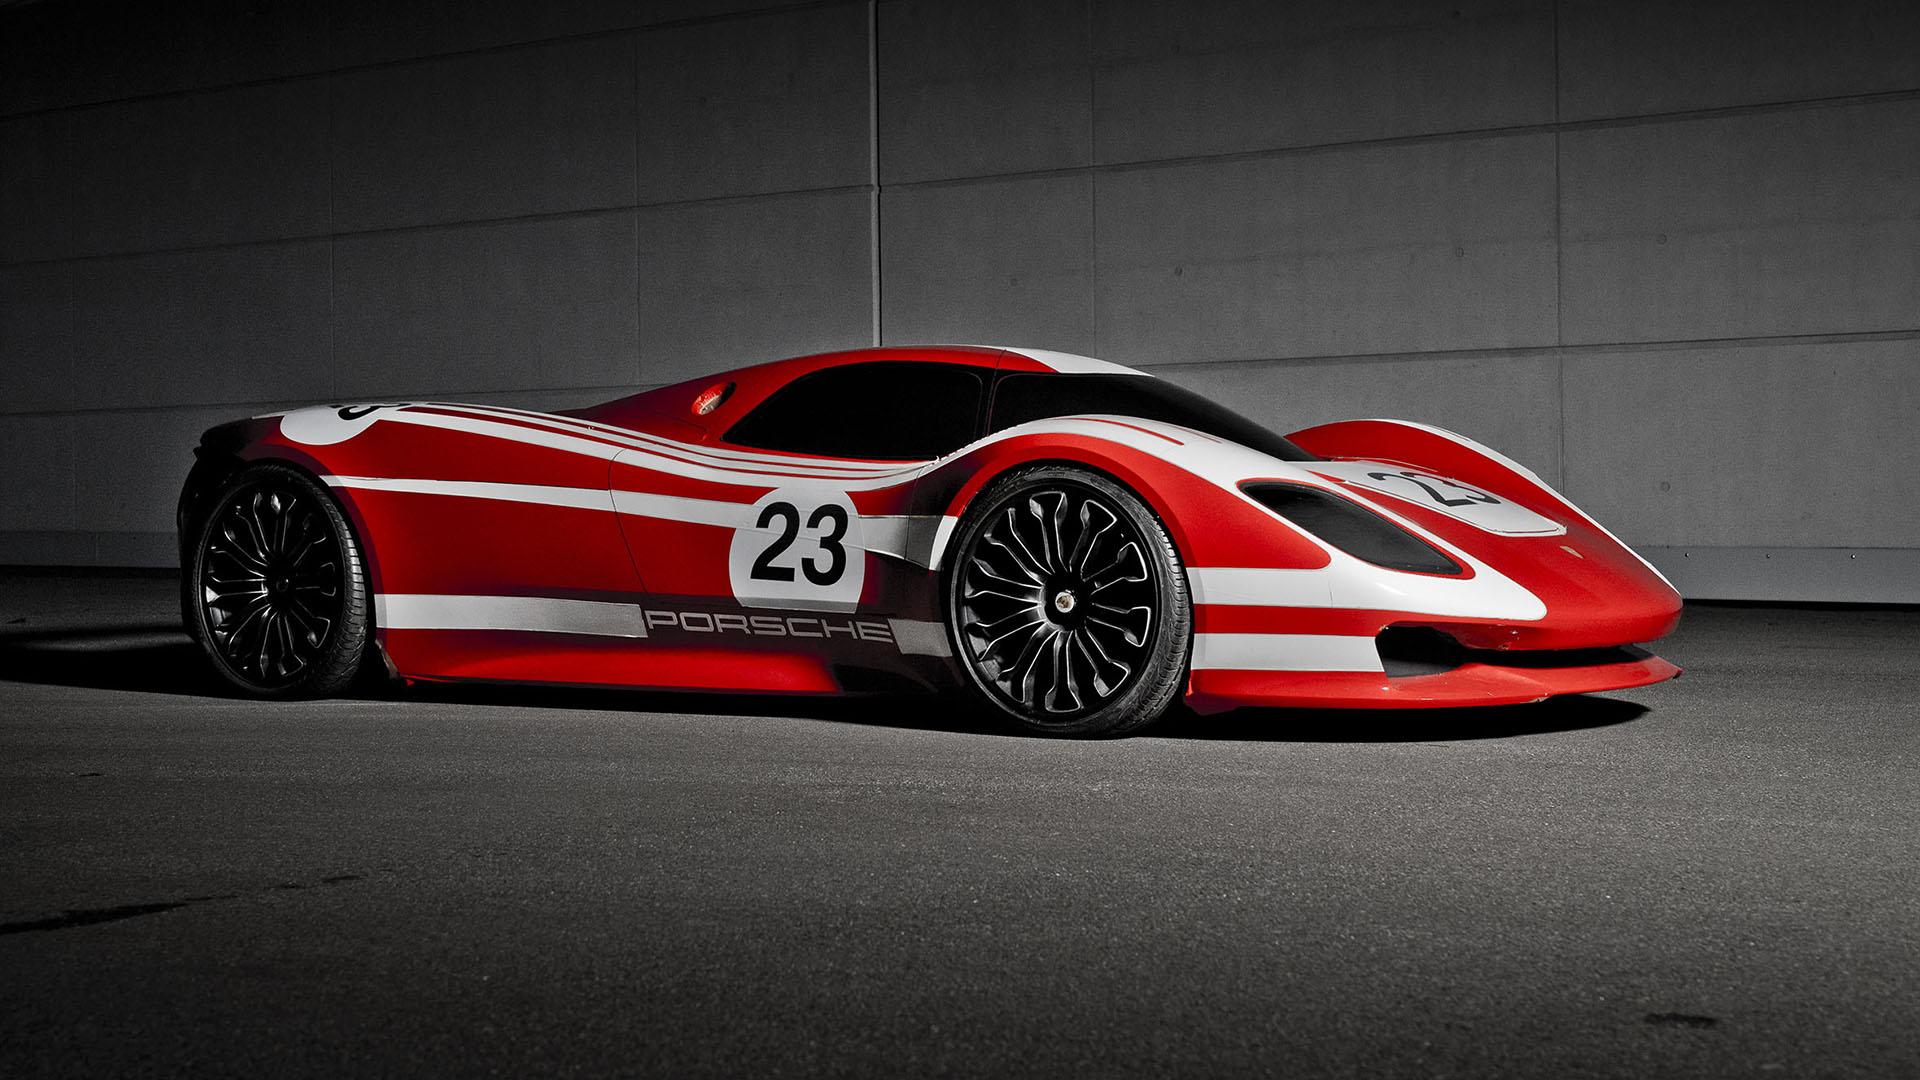 Θα καθυστερήσει ο διάδοχος της εξωτικής Porsche 918 Spyder